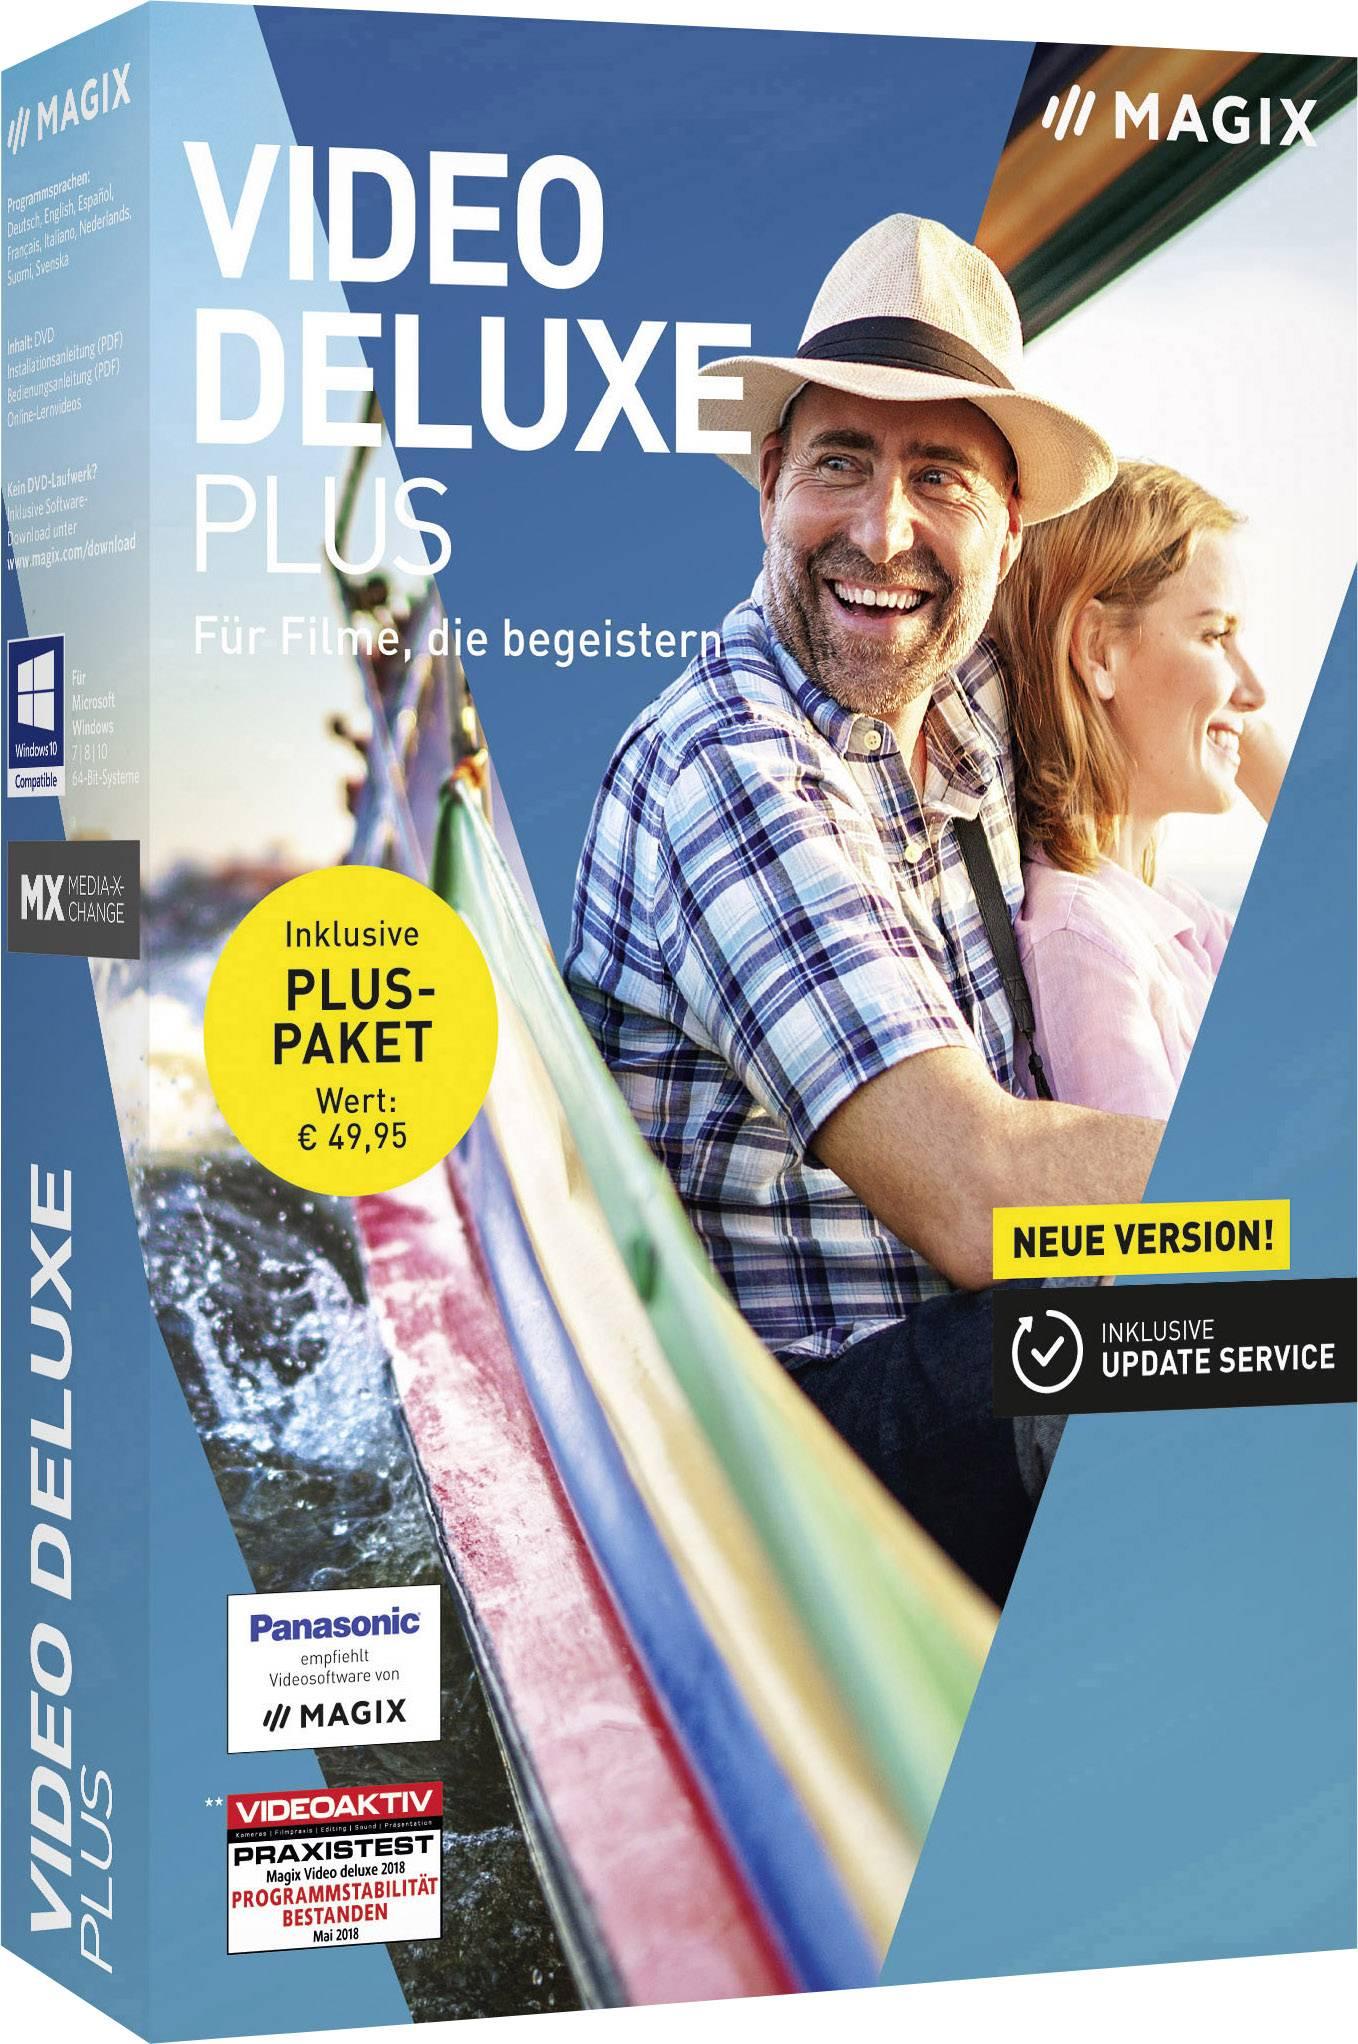 Magix Video deluxe Plus Full version, 1 license Windows